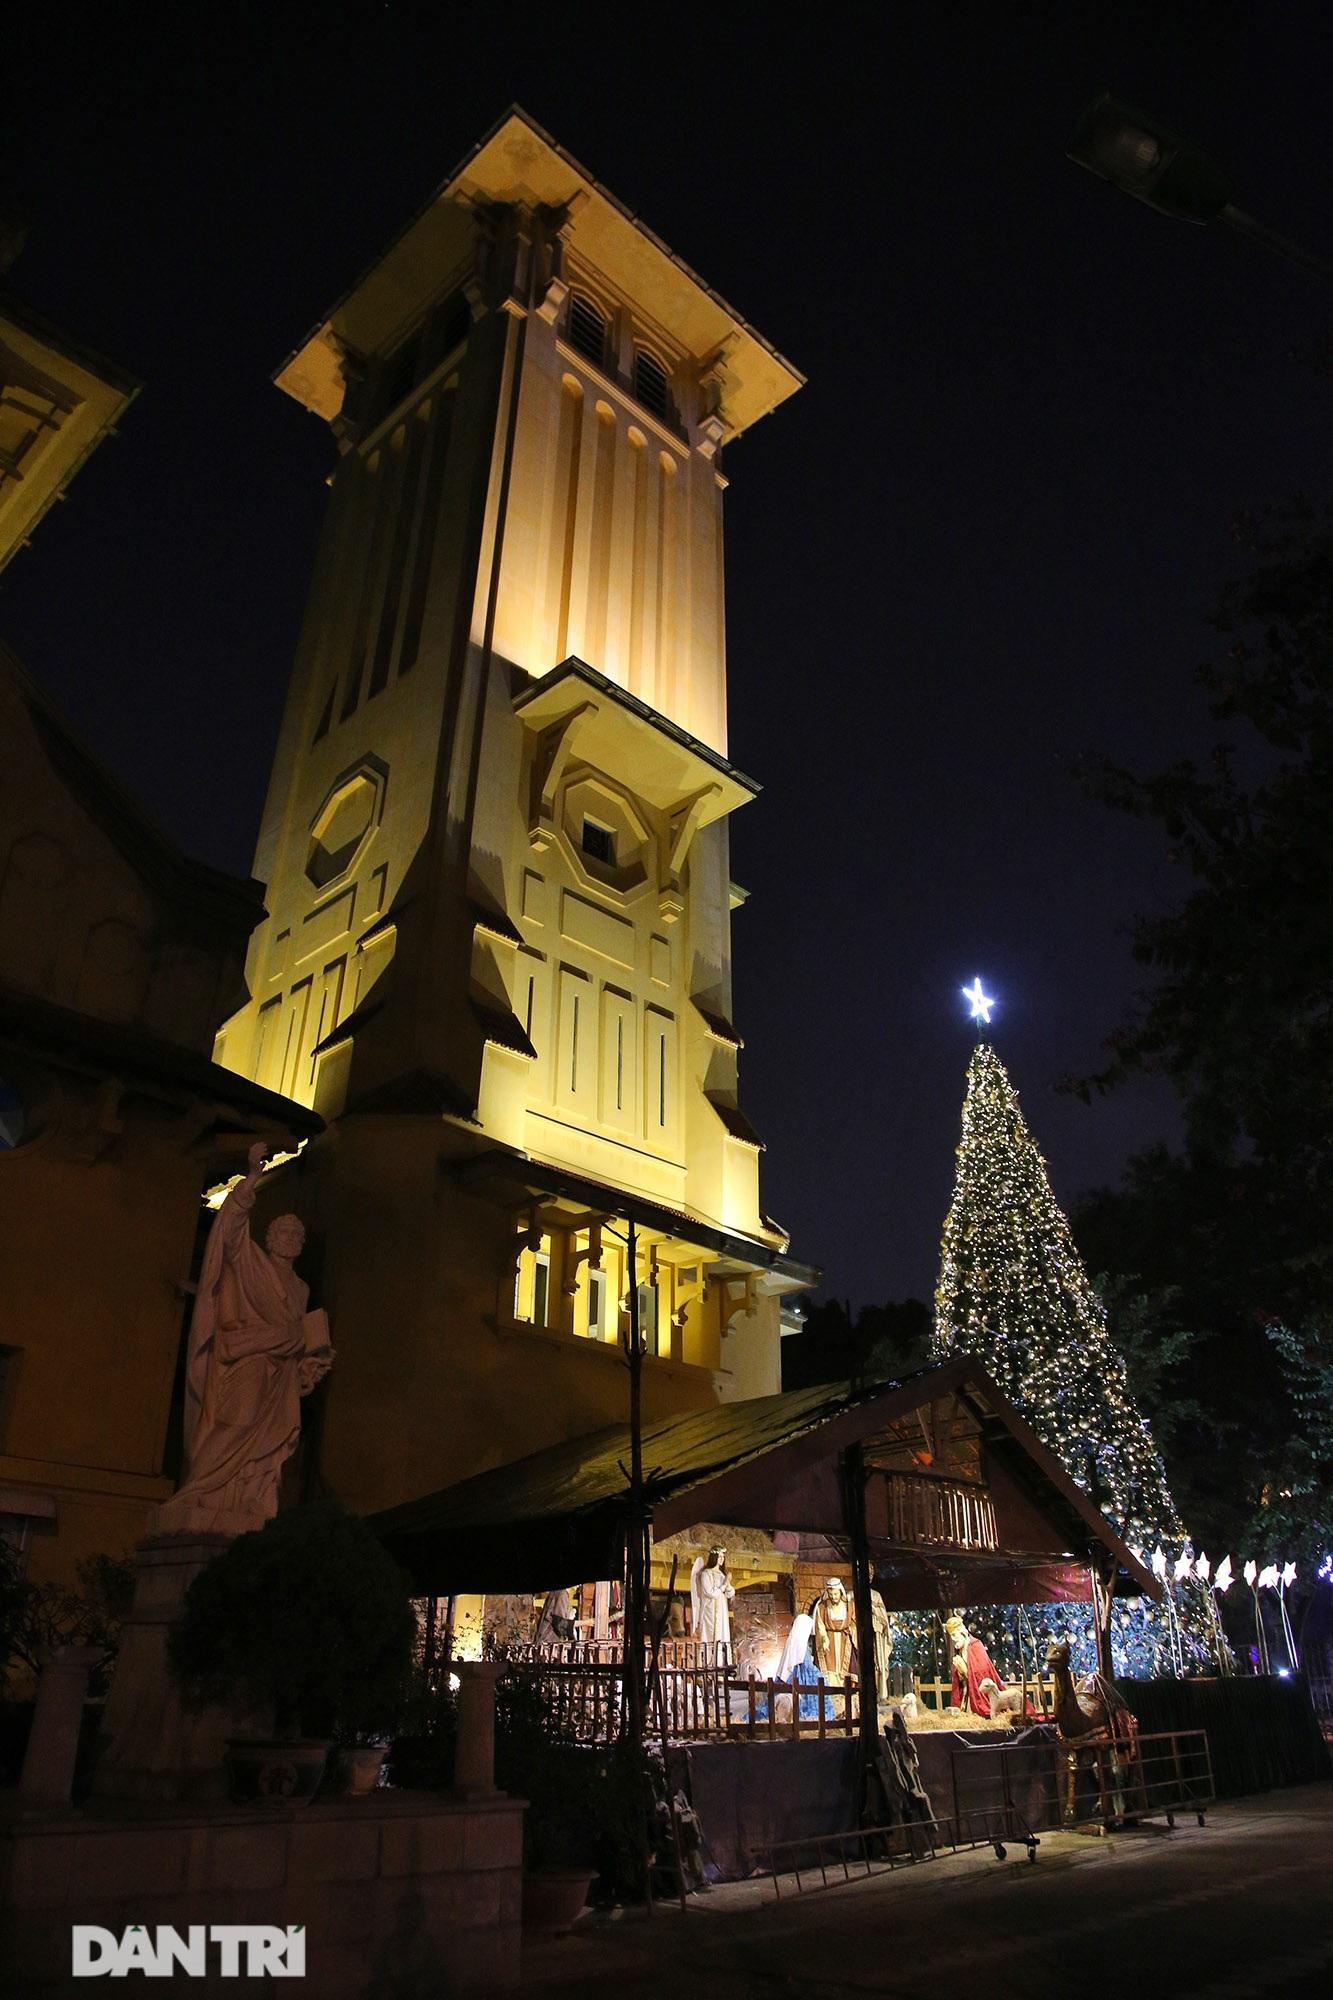 Các nhà thờ tại Hà Nội nhộn nhịp, trang hoàng chờ đón Giáng sinh 2020 - 13